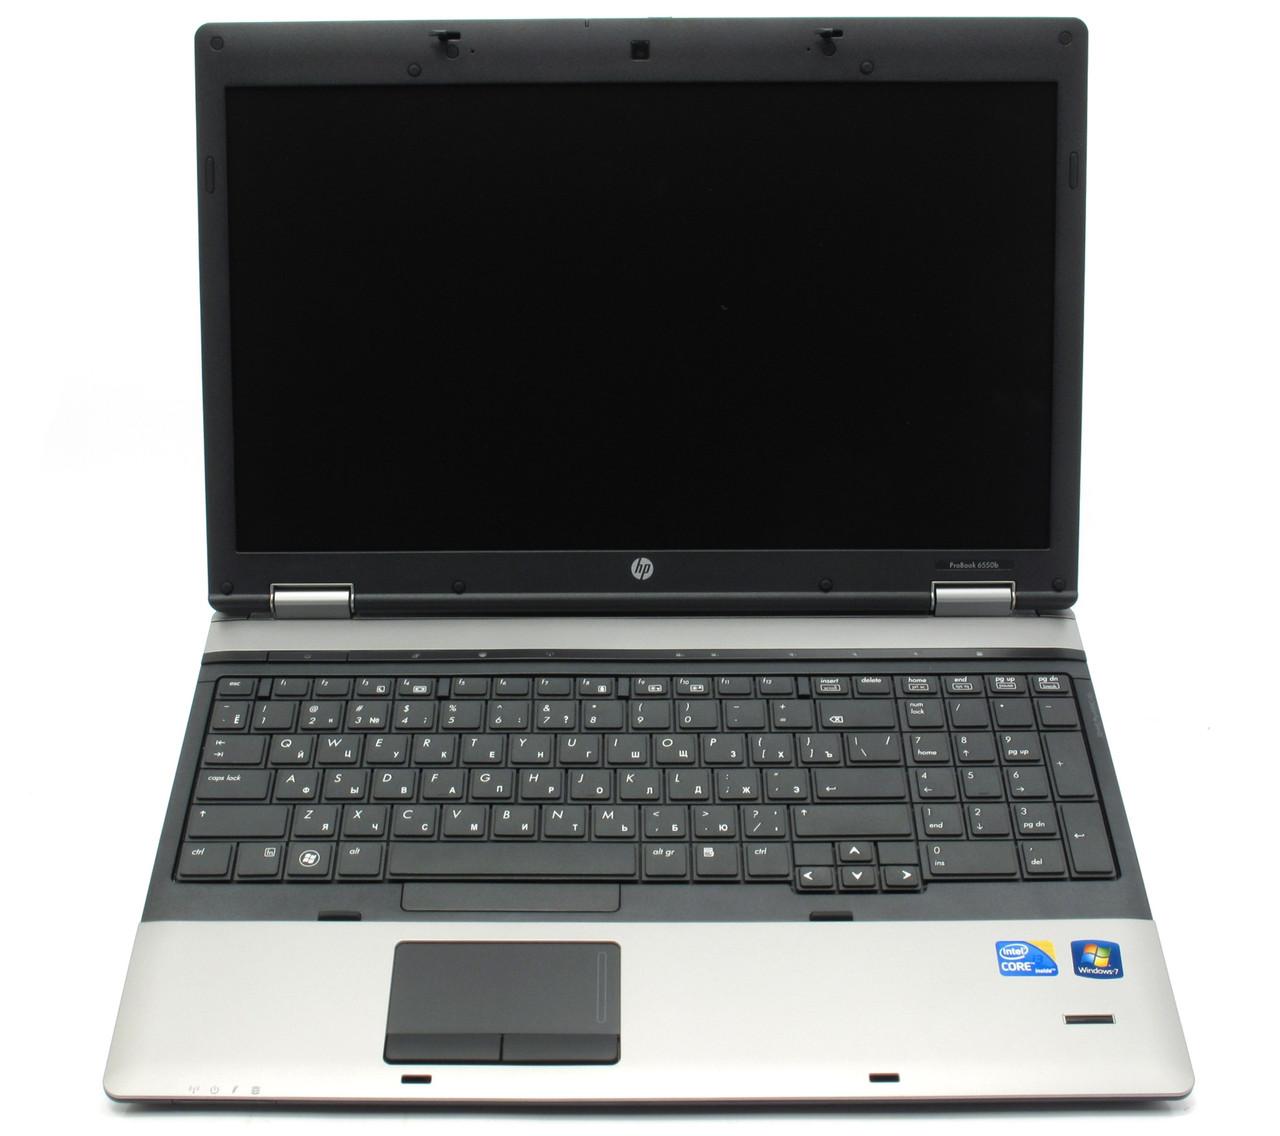 Ноутбук, notebook, HP Compaq 6550b, 4 ядра по 2,93 ГГц, 4 Гб ОЗУ, HDD 320 Гб